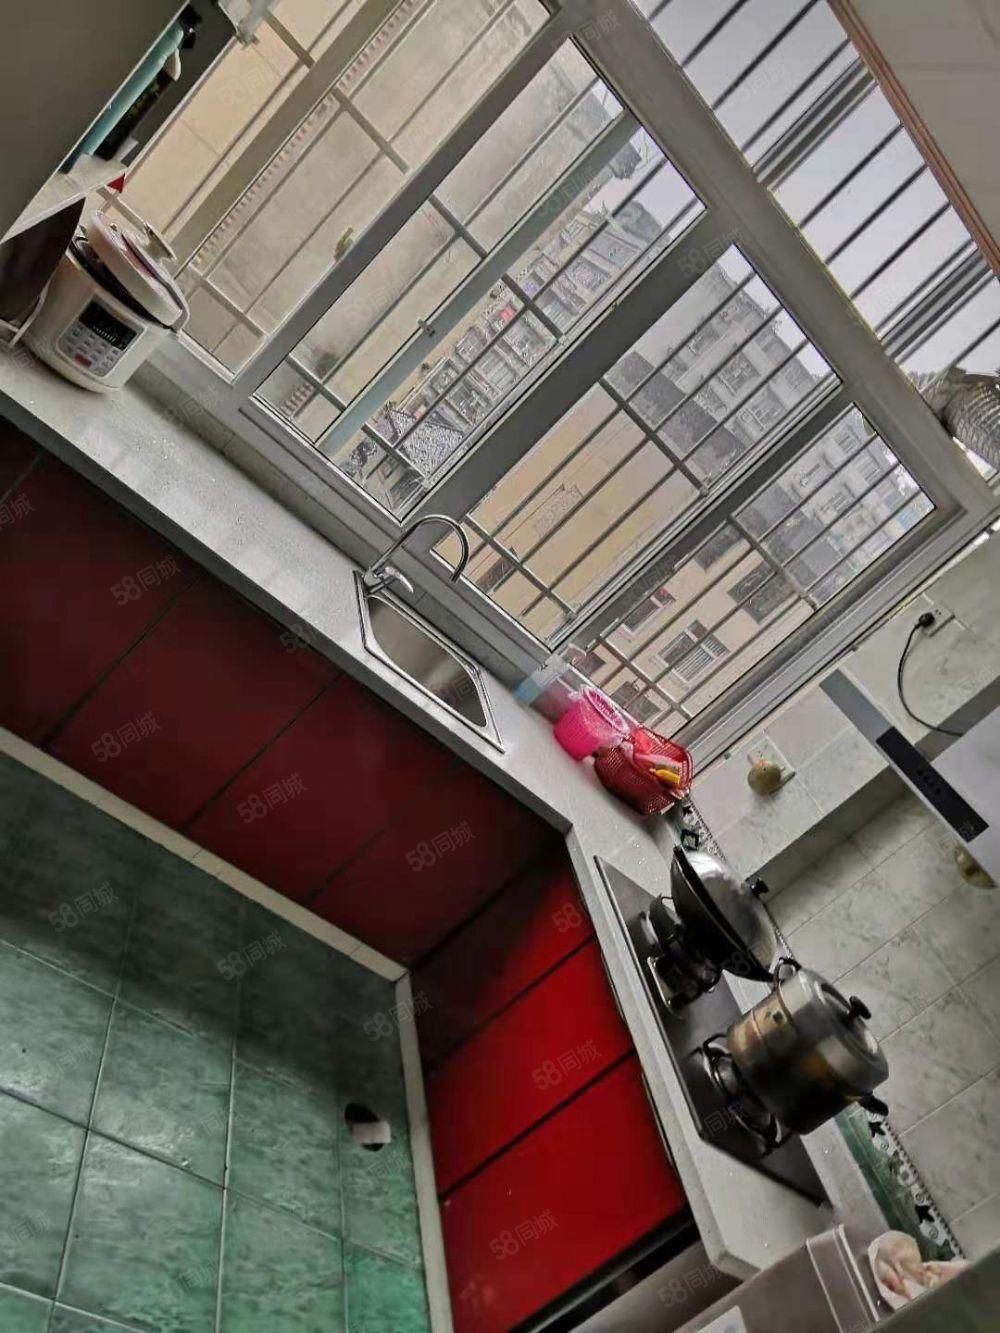 东街低楼层住家精装三室房龄新快要按电梯了